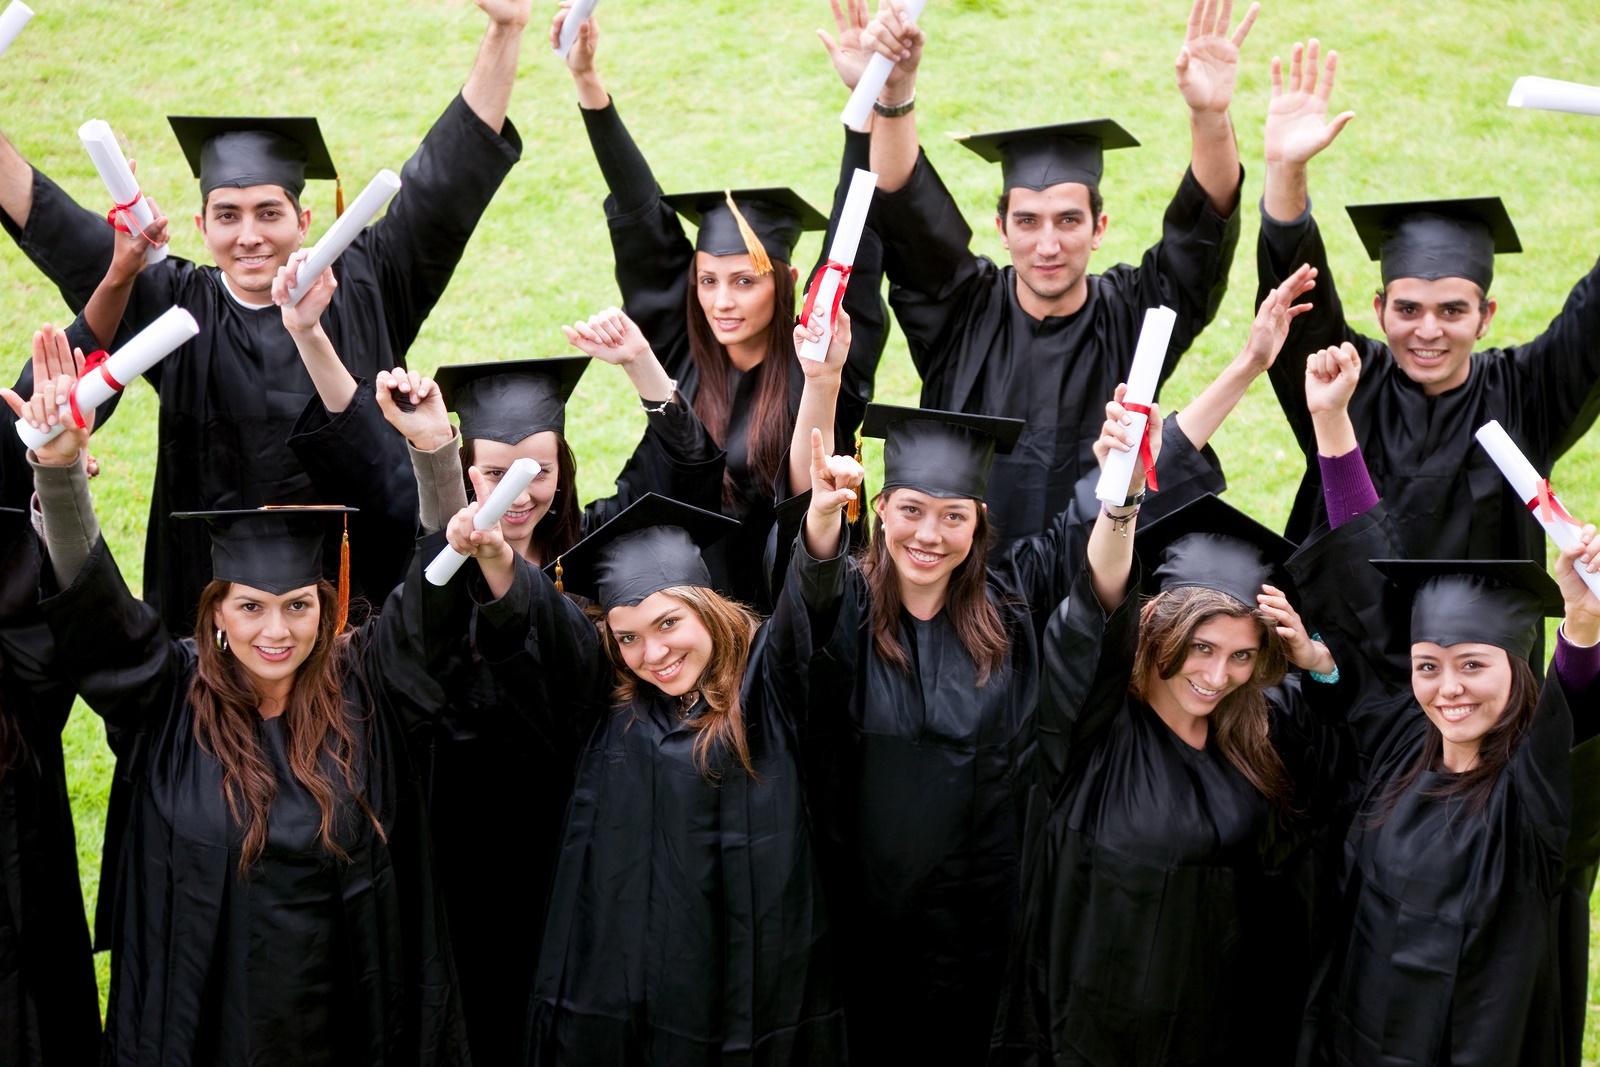 Học thạc sĩ tại Đức và những điều bạn chưa biết?